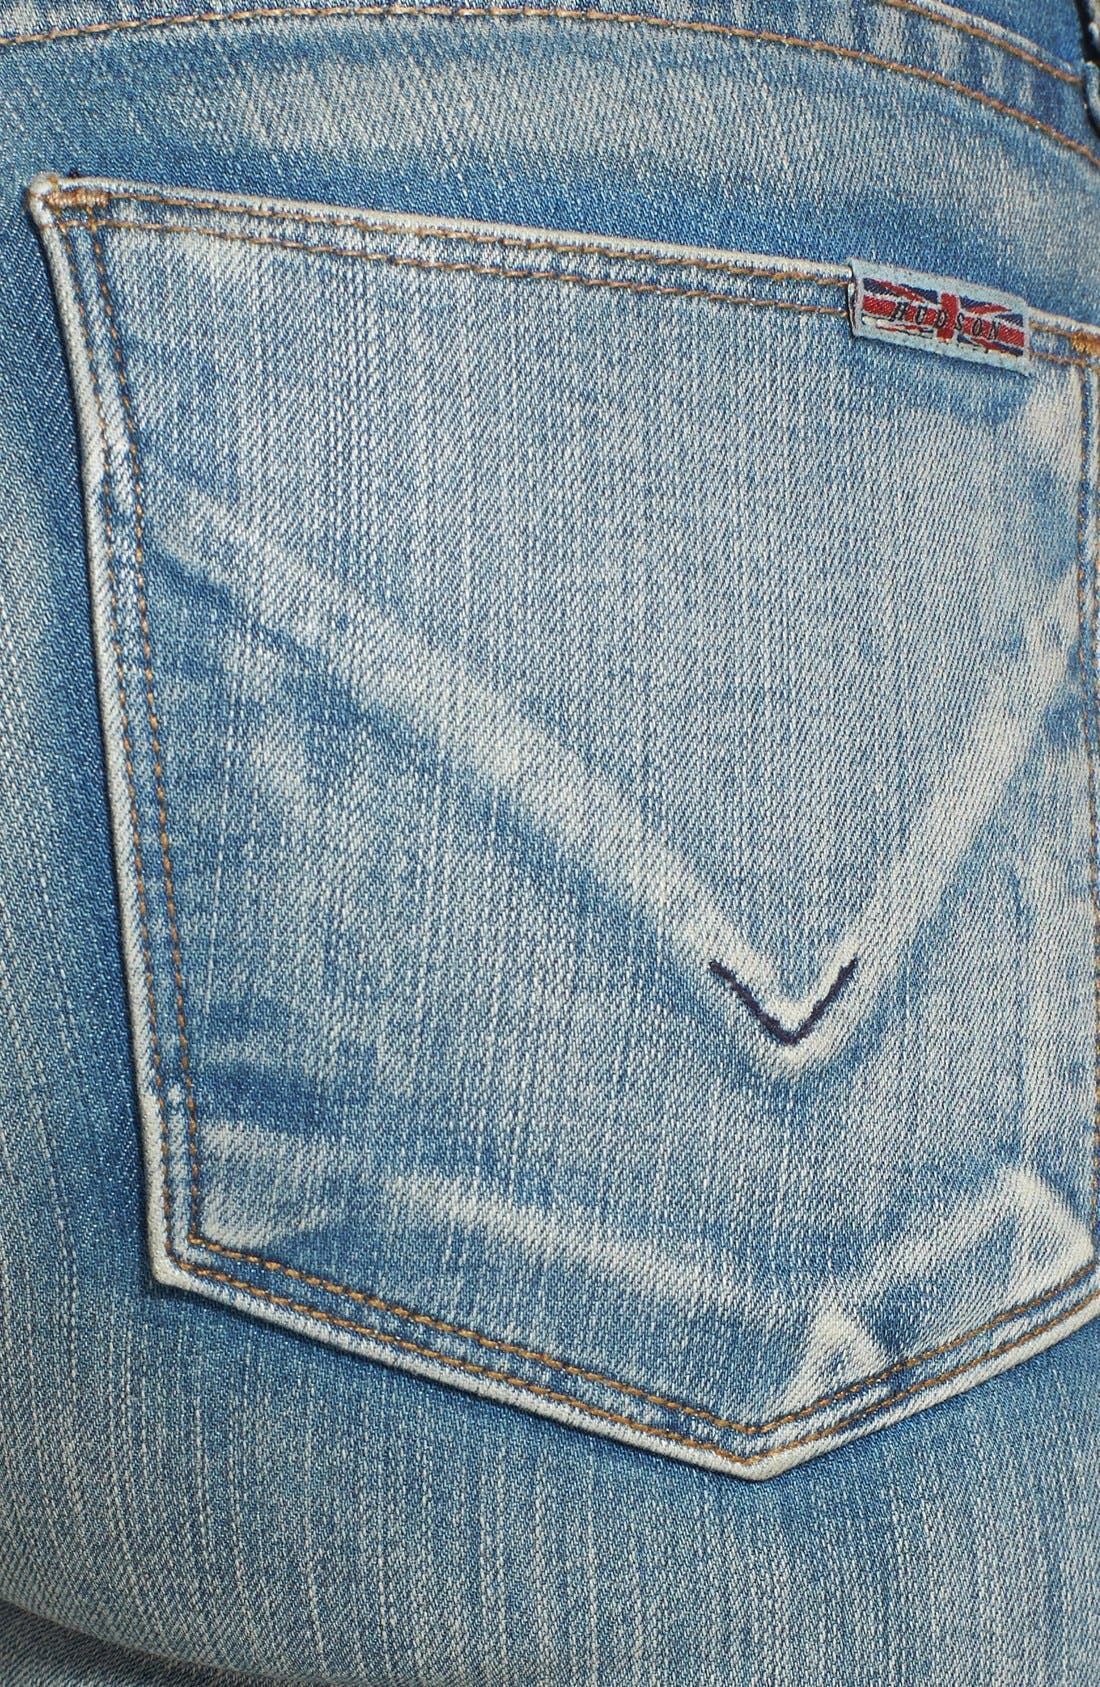 Alternate Image 3  - Hudson Jeans 'Krista' Super Skinny Jeans (Castles of Sand)